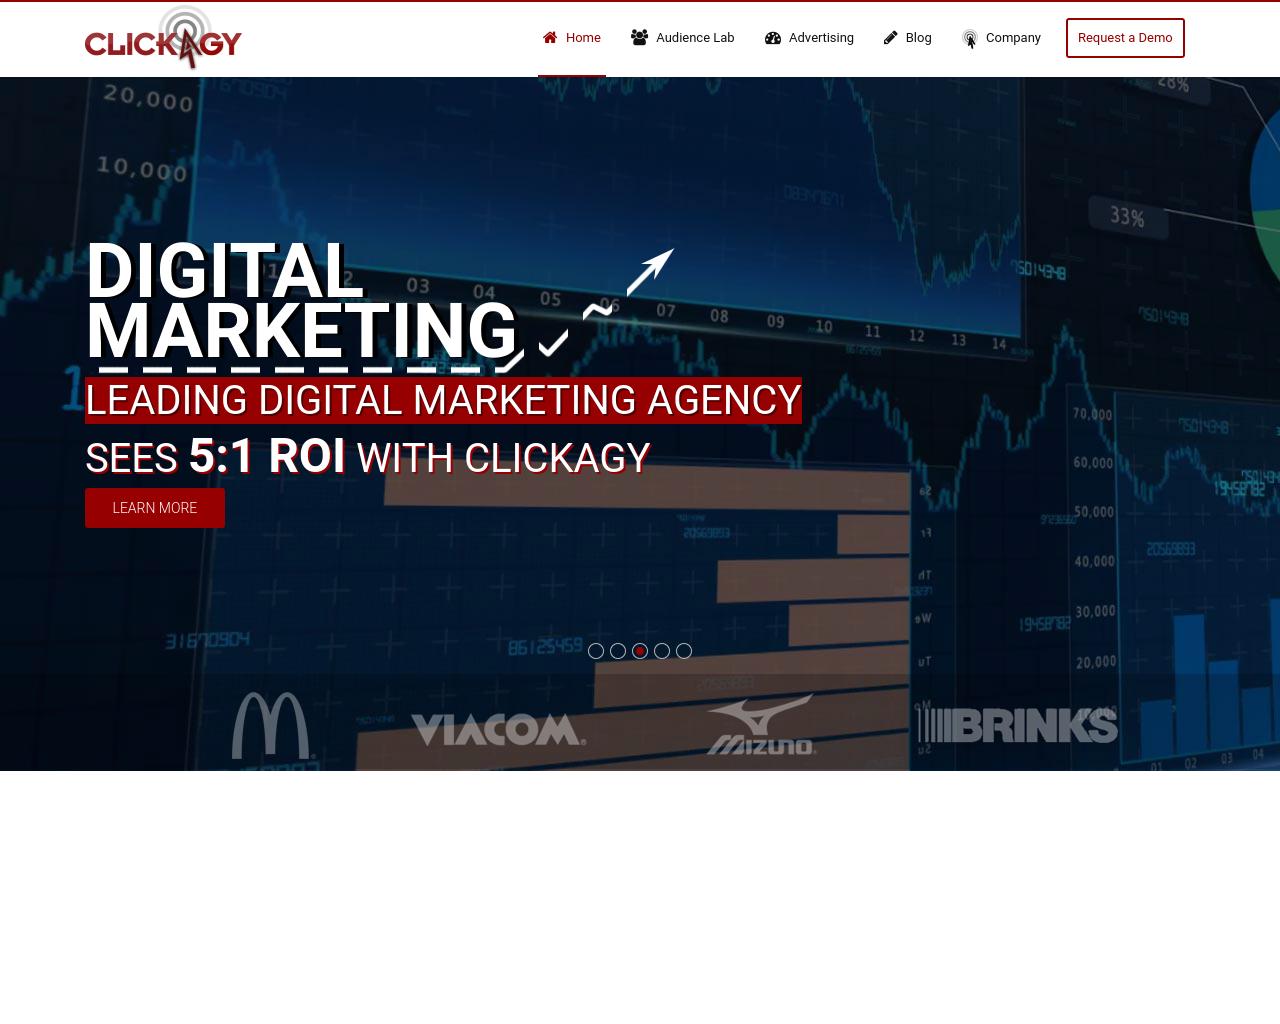 Clickagy-Advertising-Reviews-Pricing